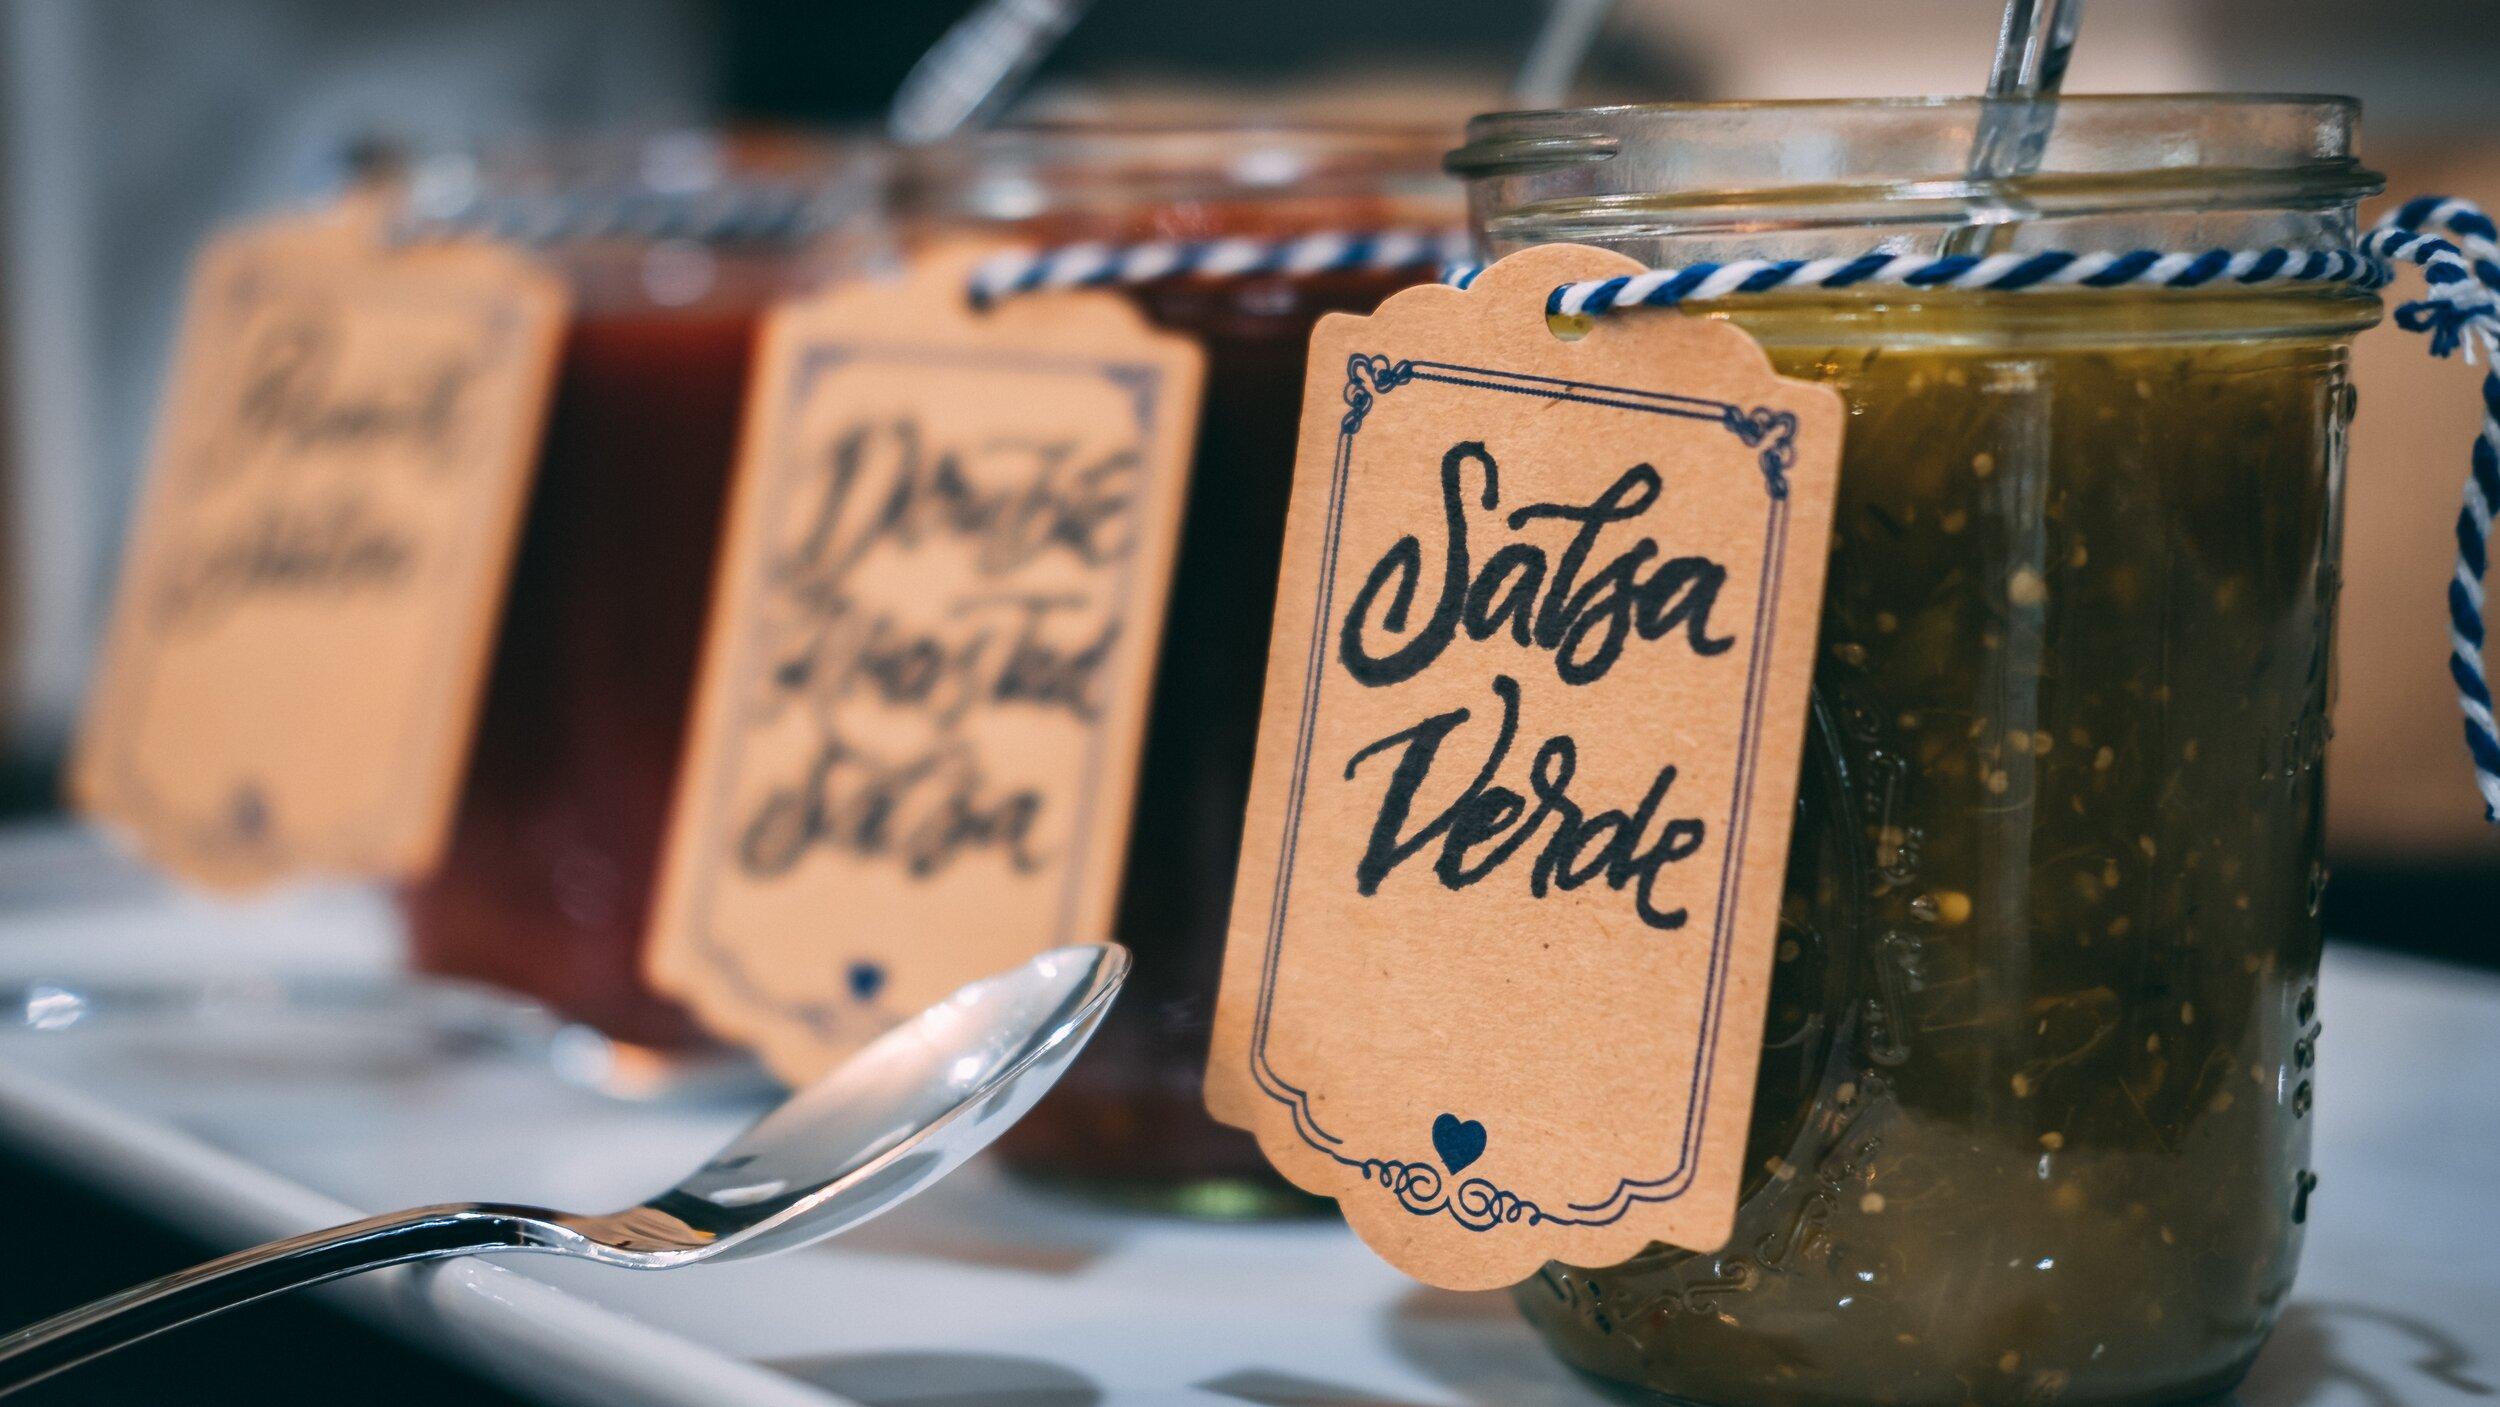 3-Ingredient Paleo Slow-Cooker Salsa Verde Chicken Stew via Worthy Pause